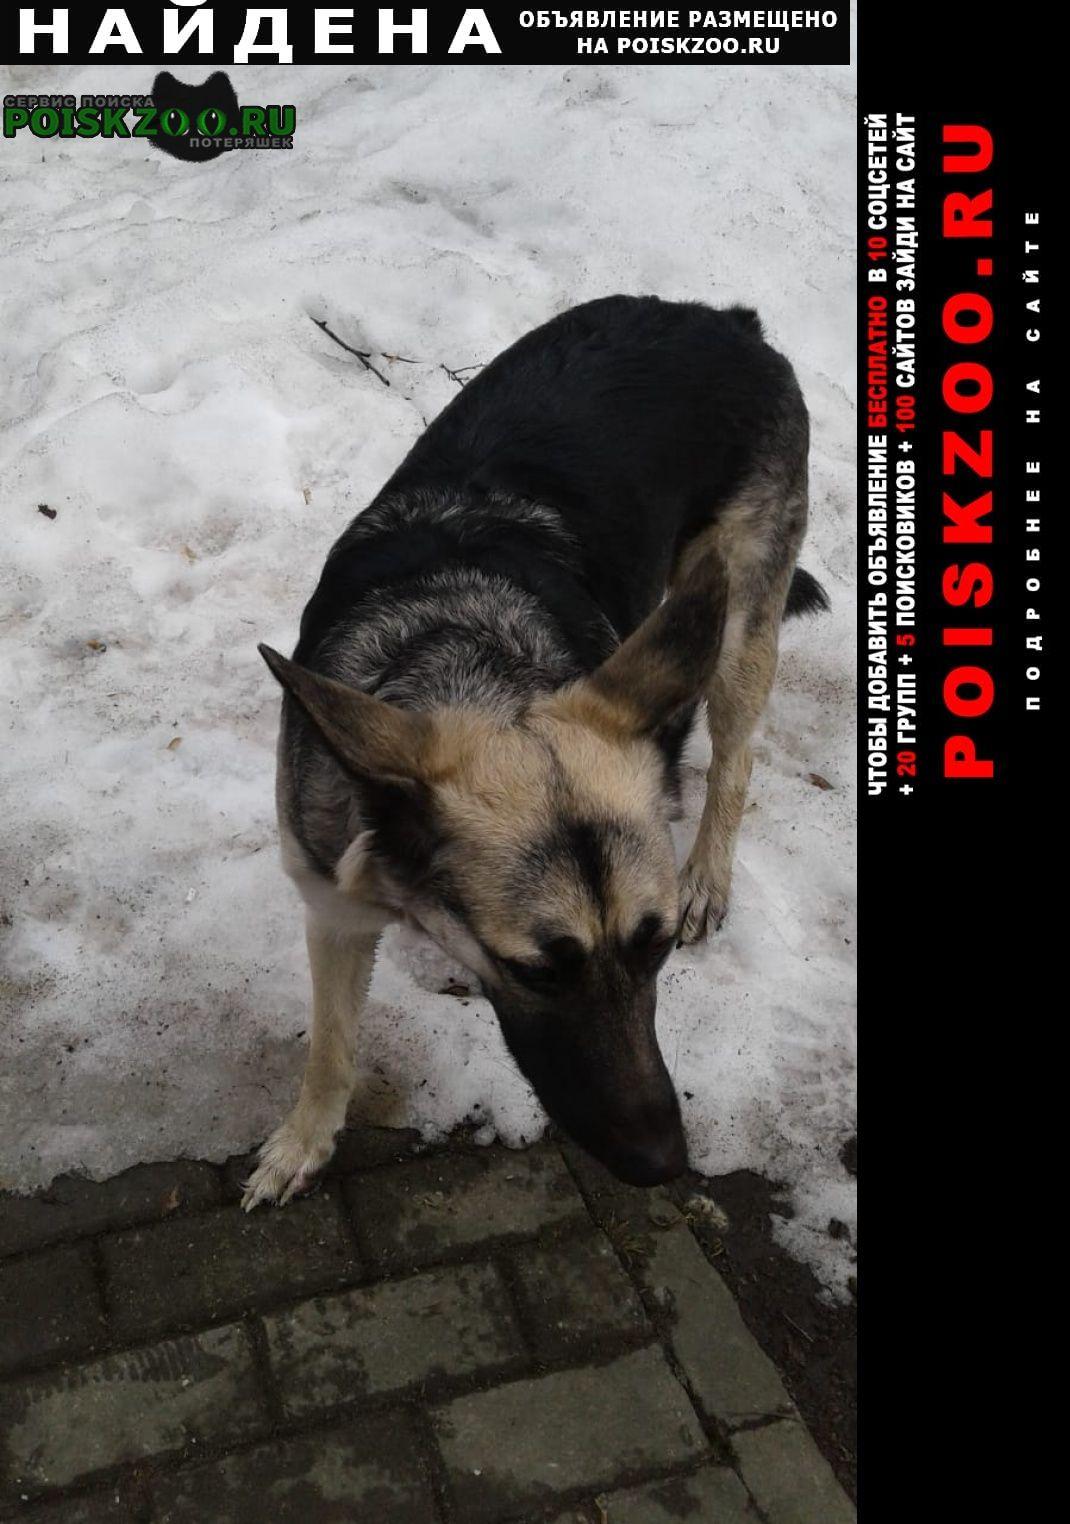 Найдена собака овчарка сука Москва